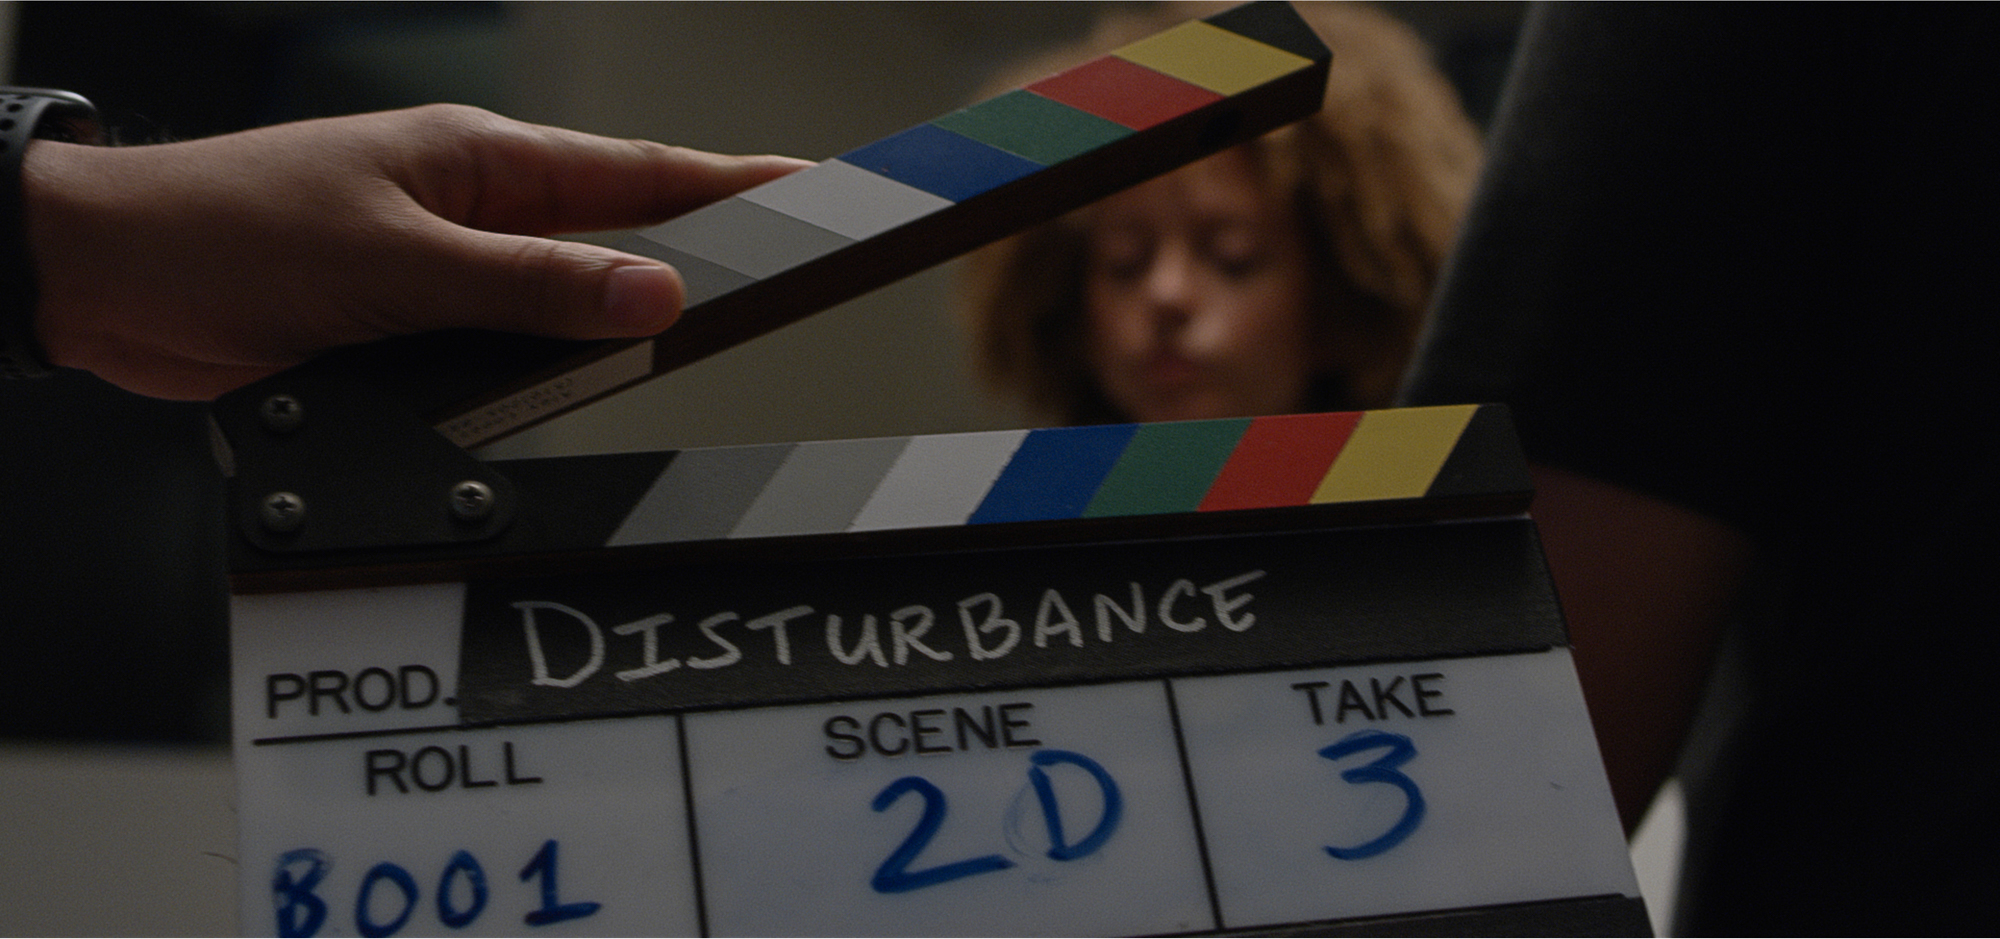 Disturbance Graded Stills - Alex Lopez Cinematographer (5 of 16).jpg